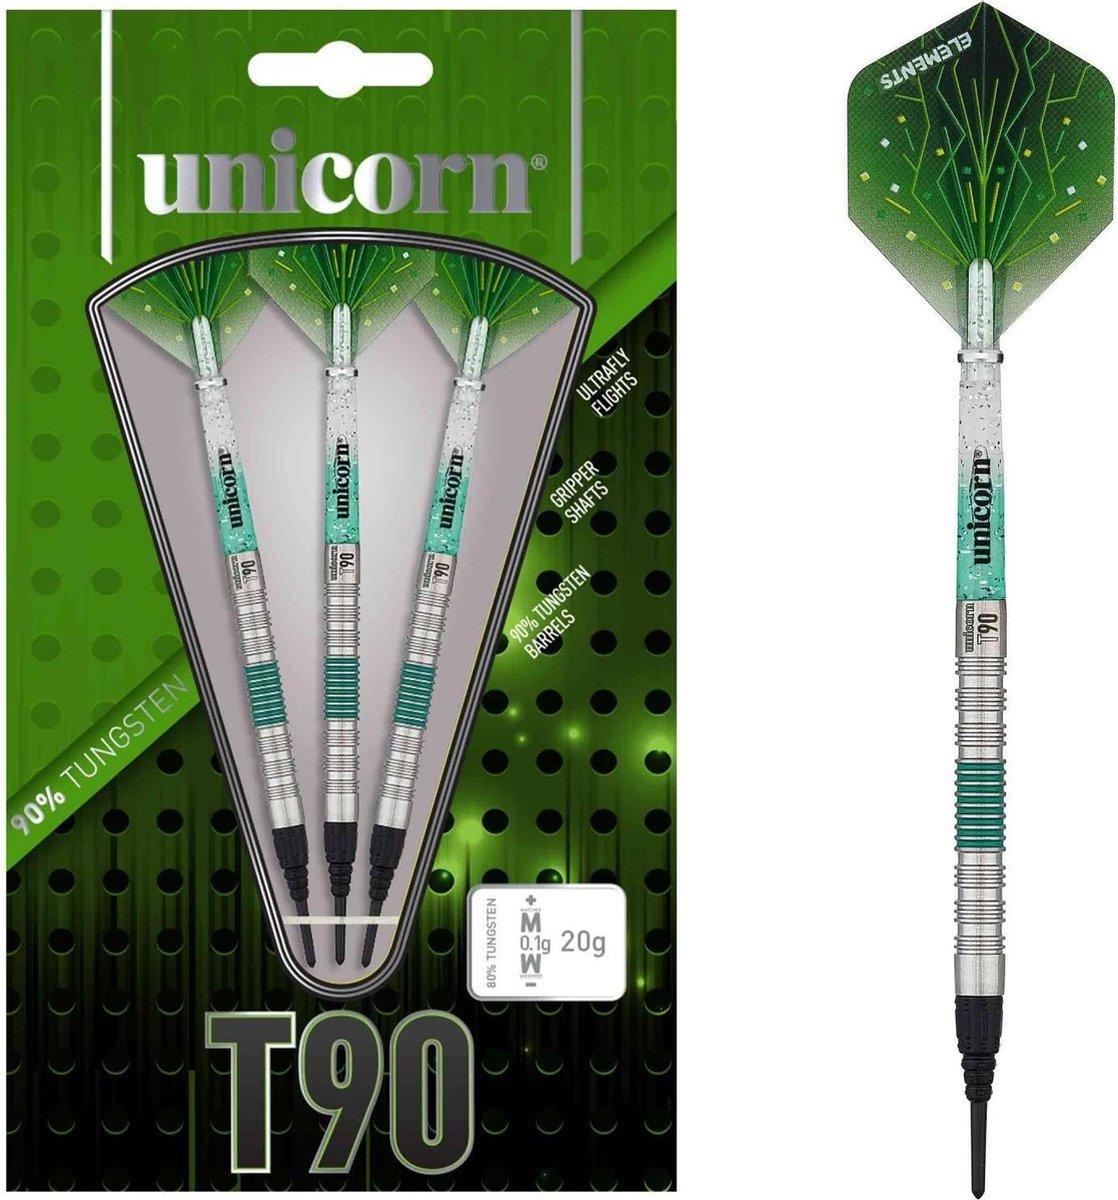 Unicorn Dartpijlen Core Xl T90 Softtip 21g Tungsten Zilver